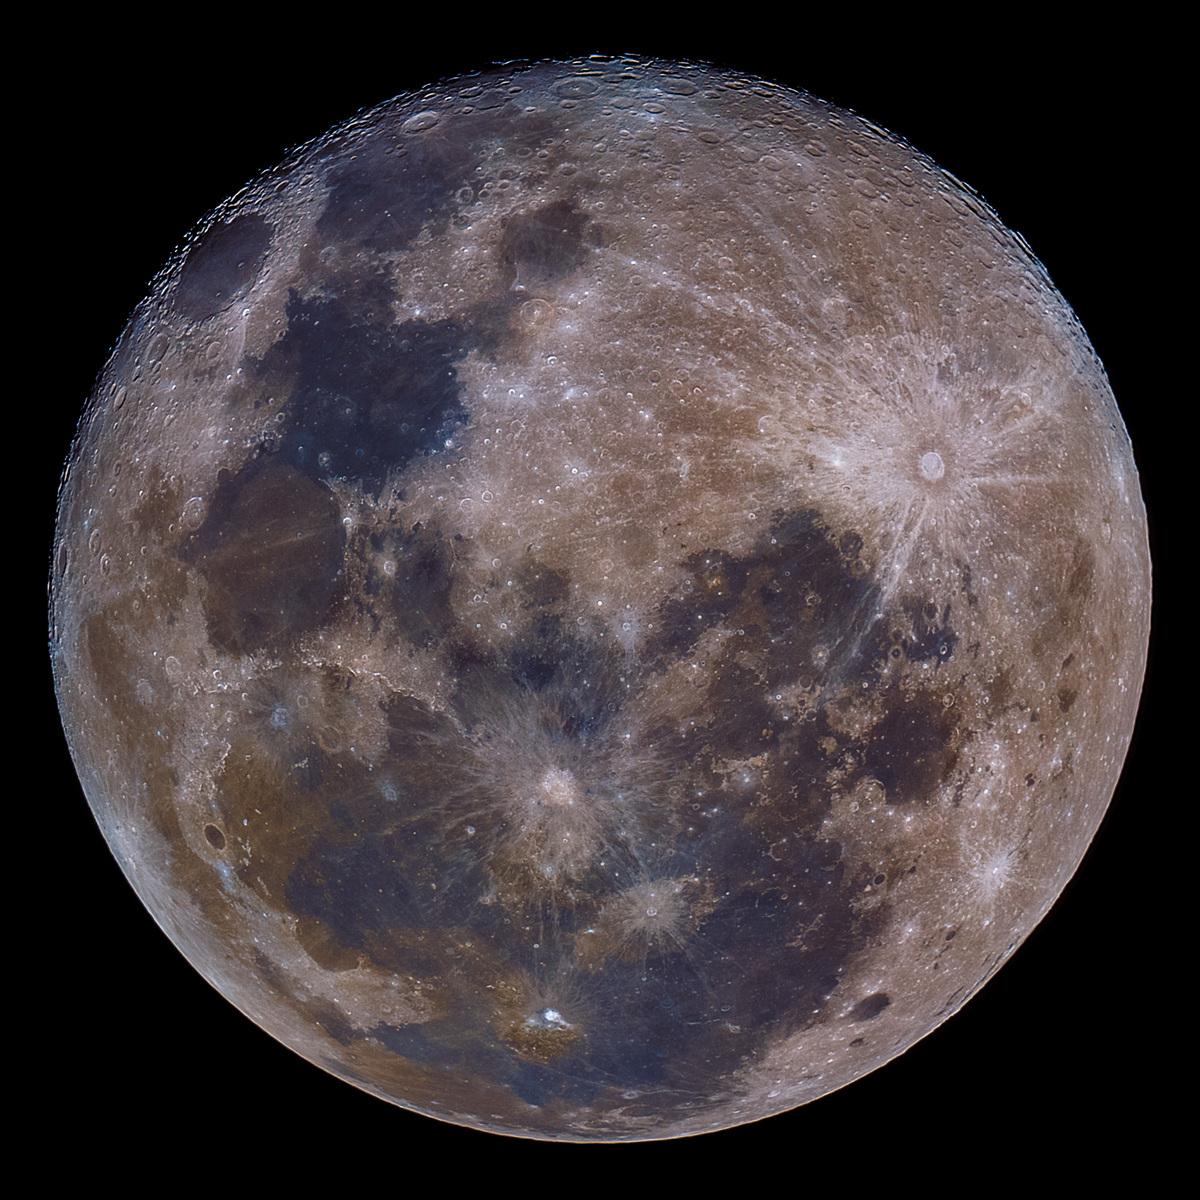 Luna del 20-07-2016 a colores.jpg